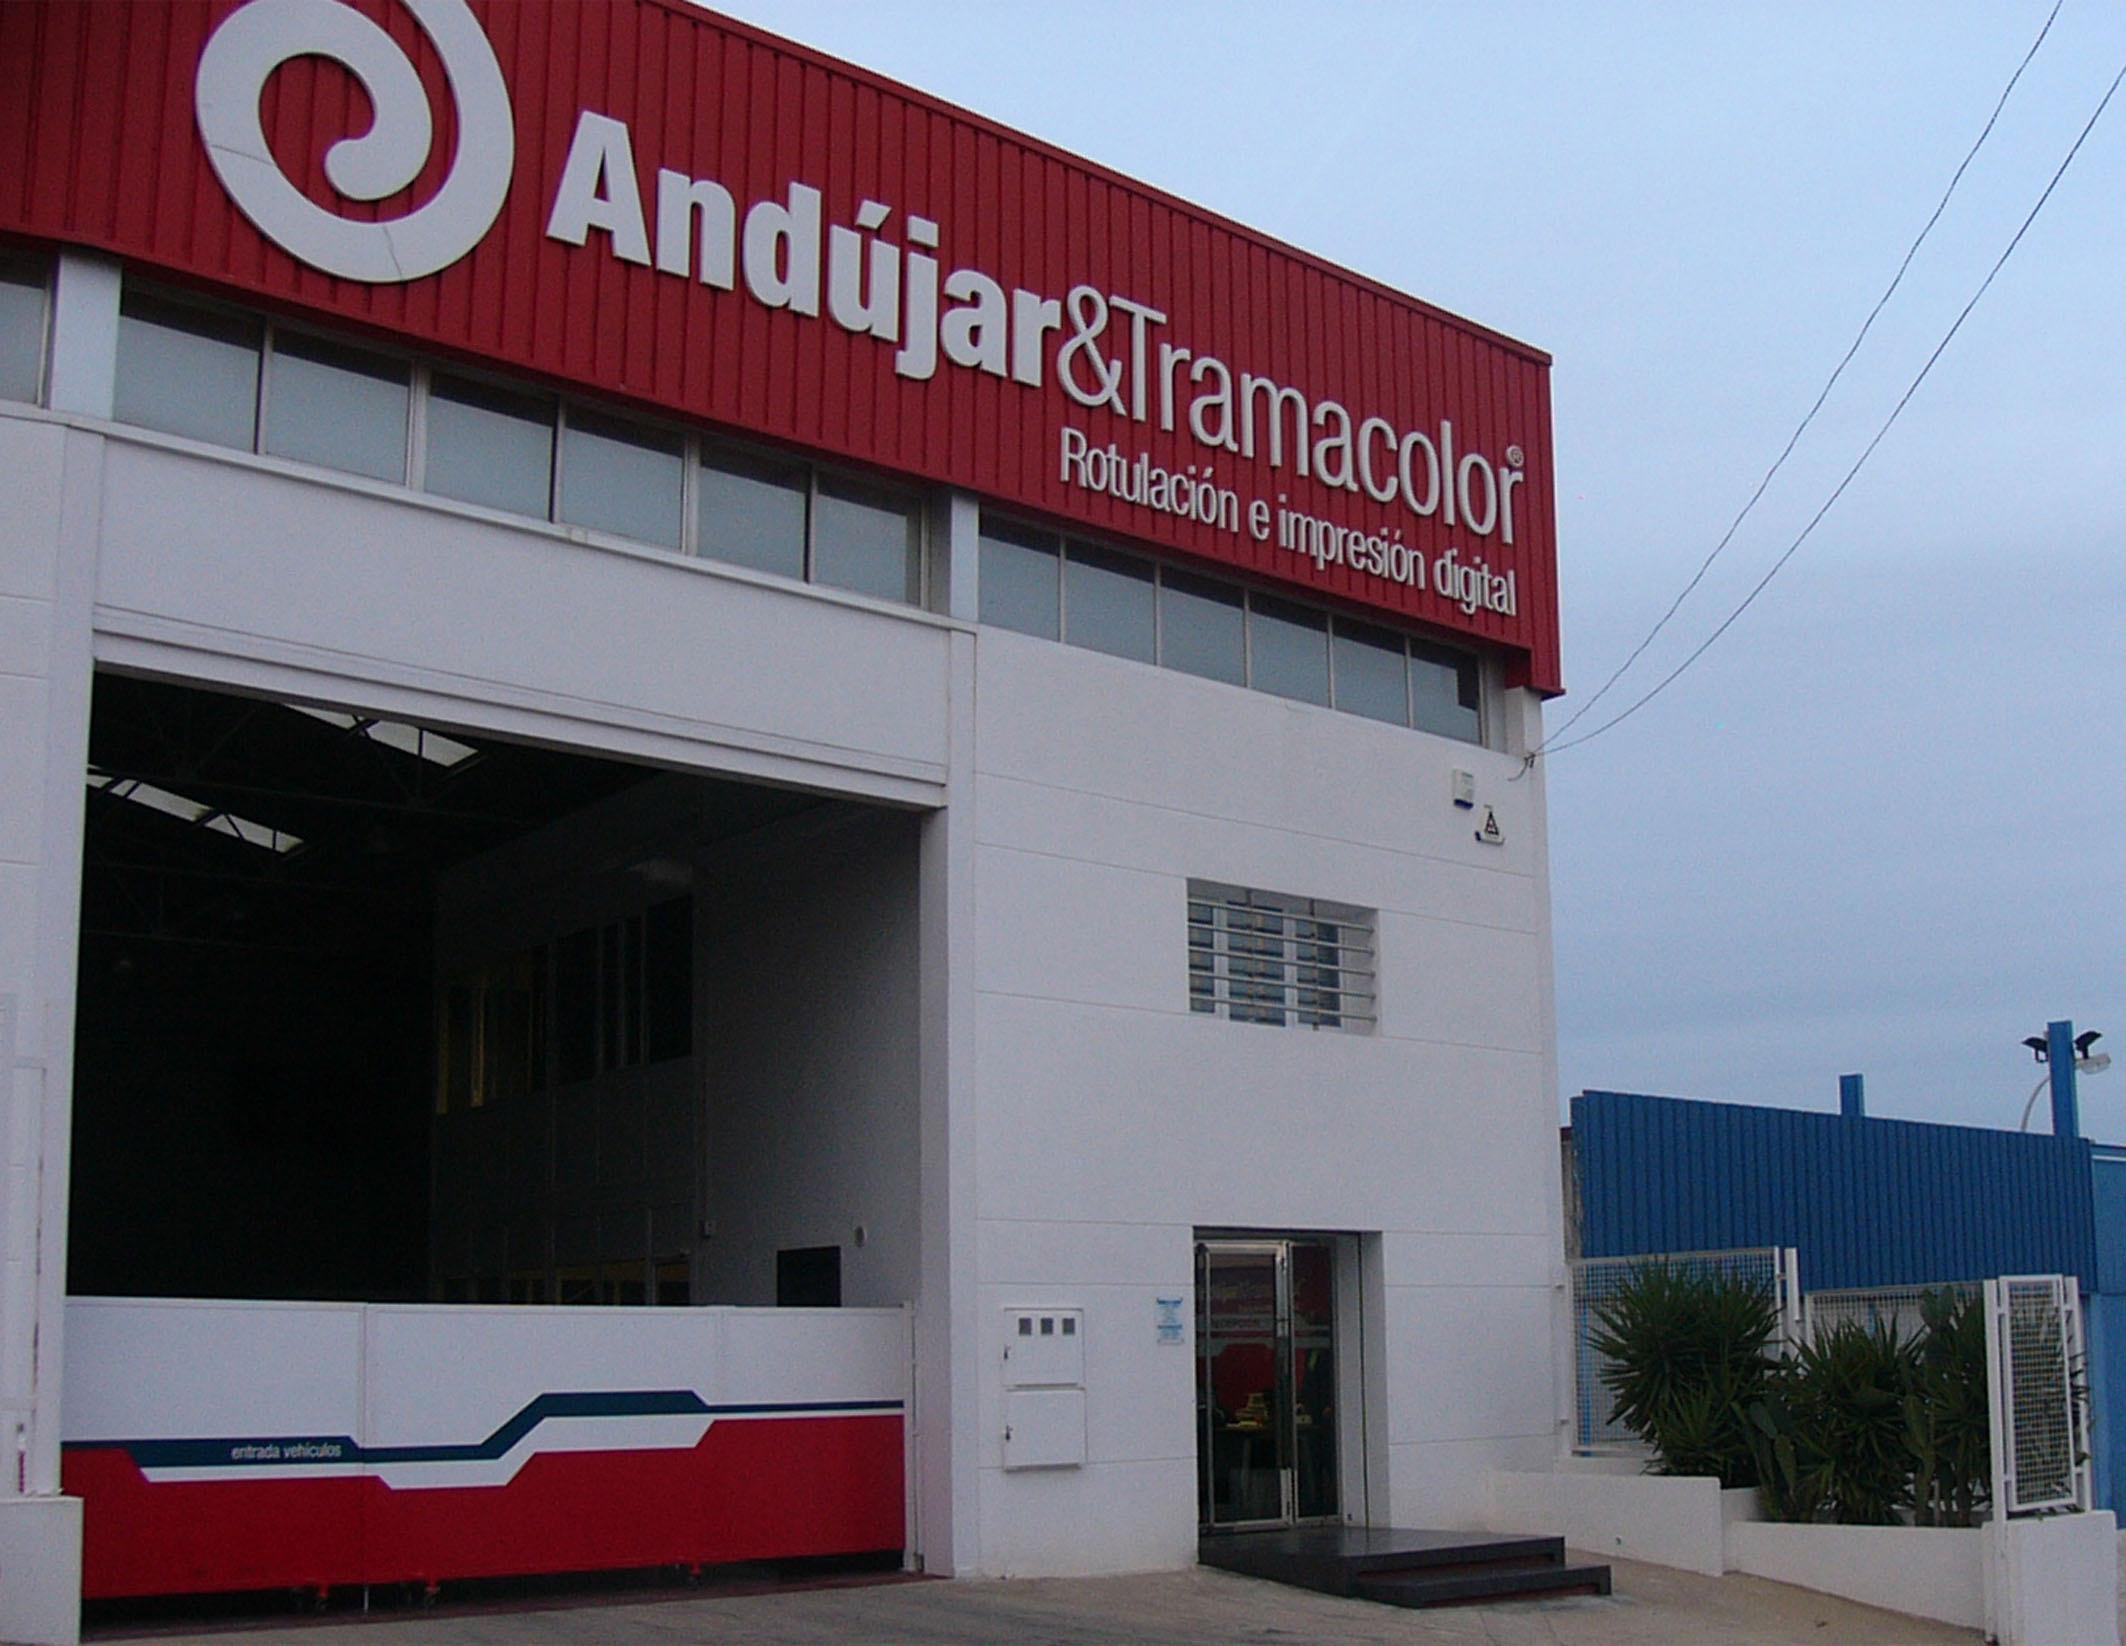 Andujar-Tramacolor